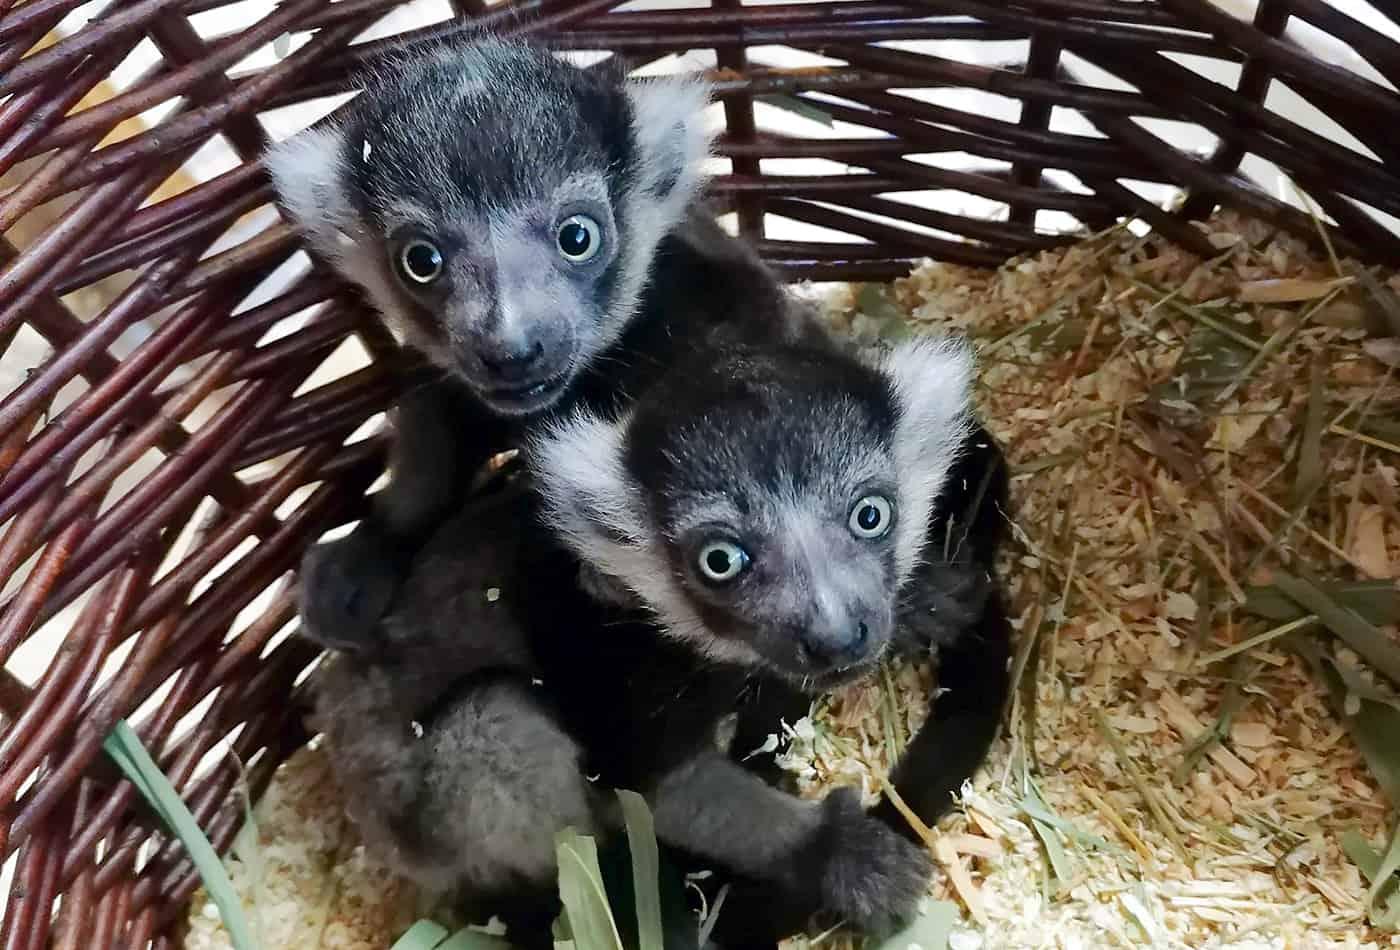 Fotos: Zwei Gürtelvaris kamen Mitte April im Zoo Heidelberg zur Welt und entwickeln sich prächtig. (Foto: Zoo Heidelberg)